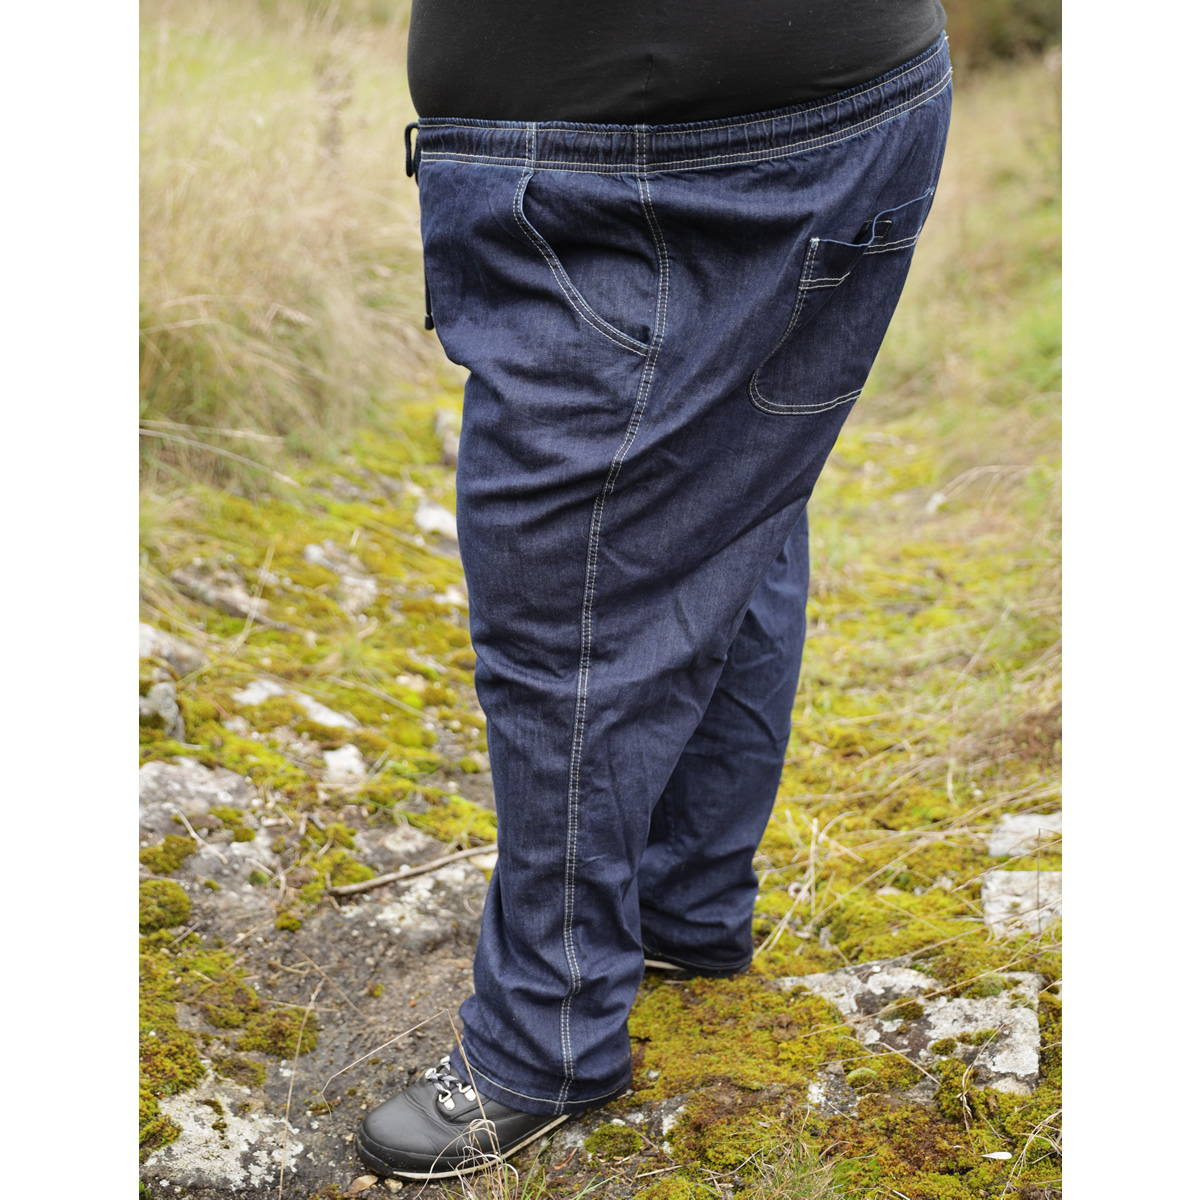 49b29d8e78ae9 XXL Schlüpf Jeans Hose mit Gummibund Herren Übergrößen